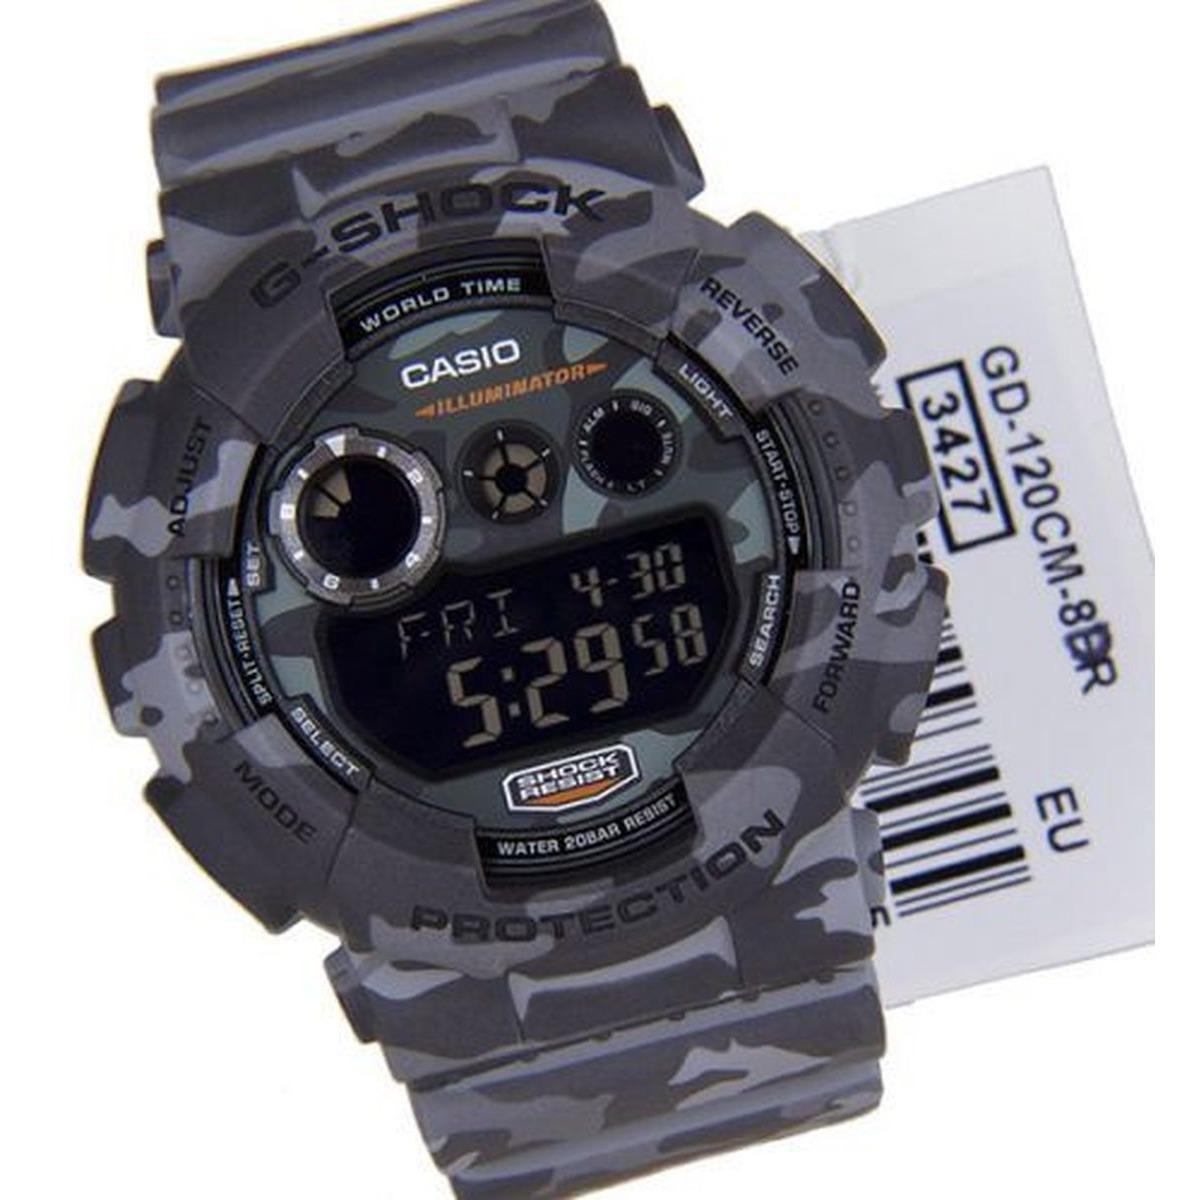 abf65ebaf42 relógio casio g-shock camuflado masculino gd-120cm-8dr. Carregando zoom.